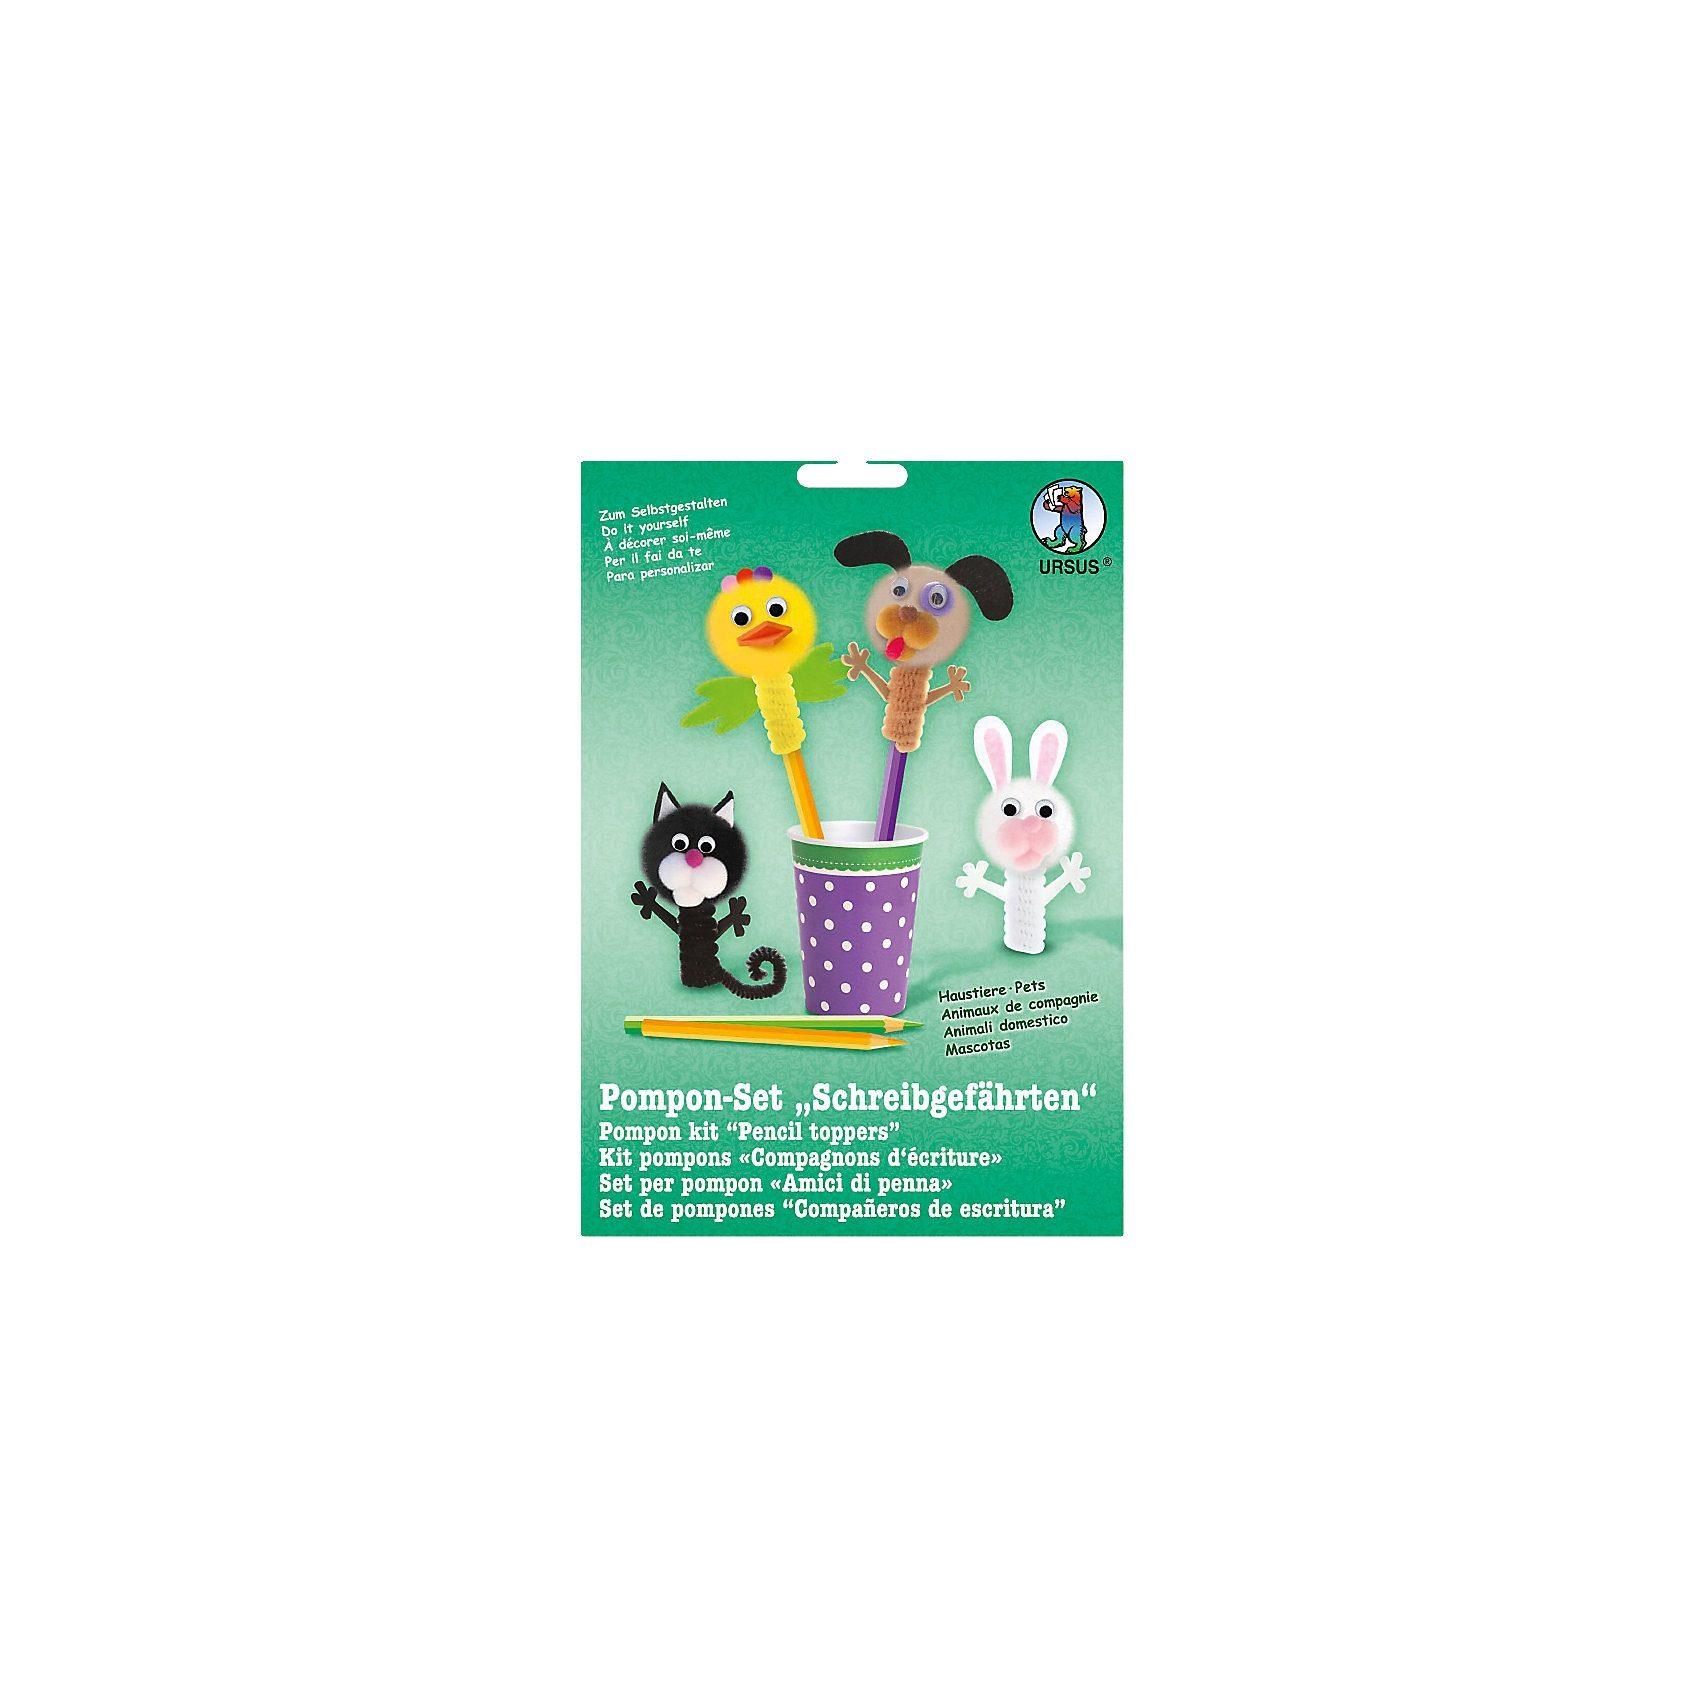 URSUS Pomponset Schreibgefährten Haustiere, 4 Figuren